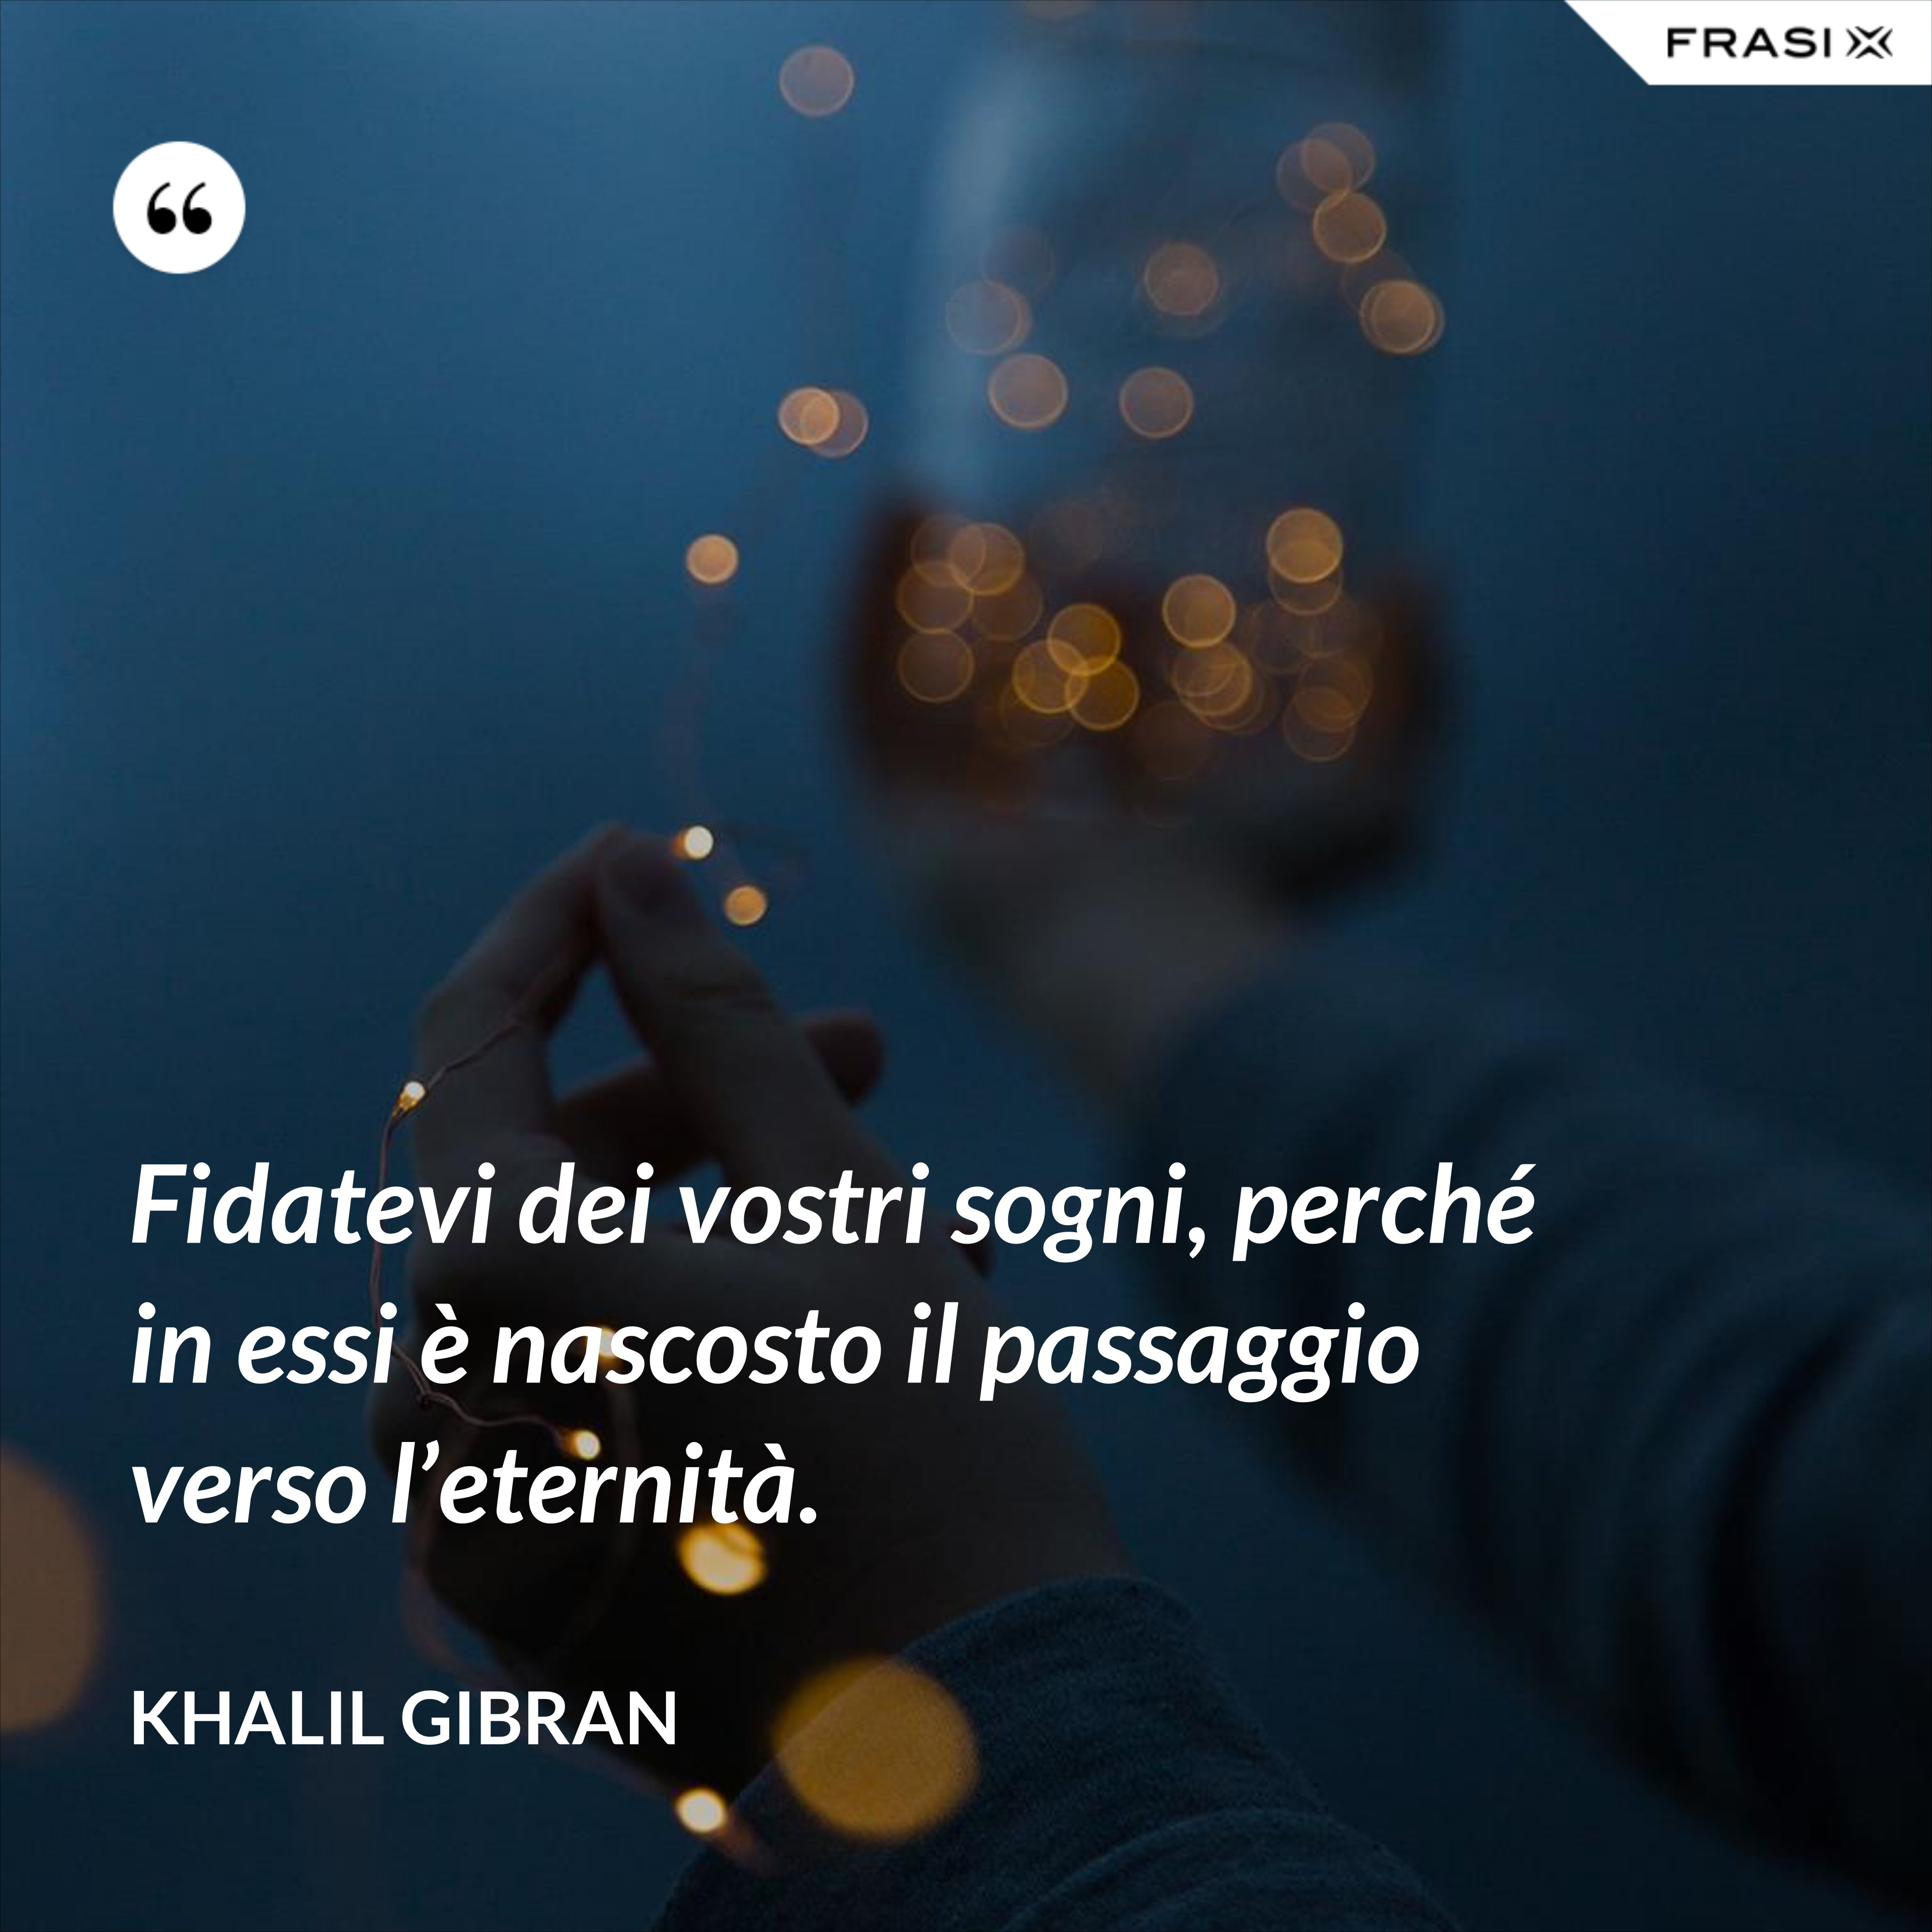 Fidatevi dei vostri sogni, perché in essi è nascosto il passaggio verso l'eternità. - Khalil Gibran